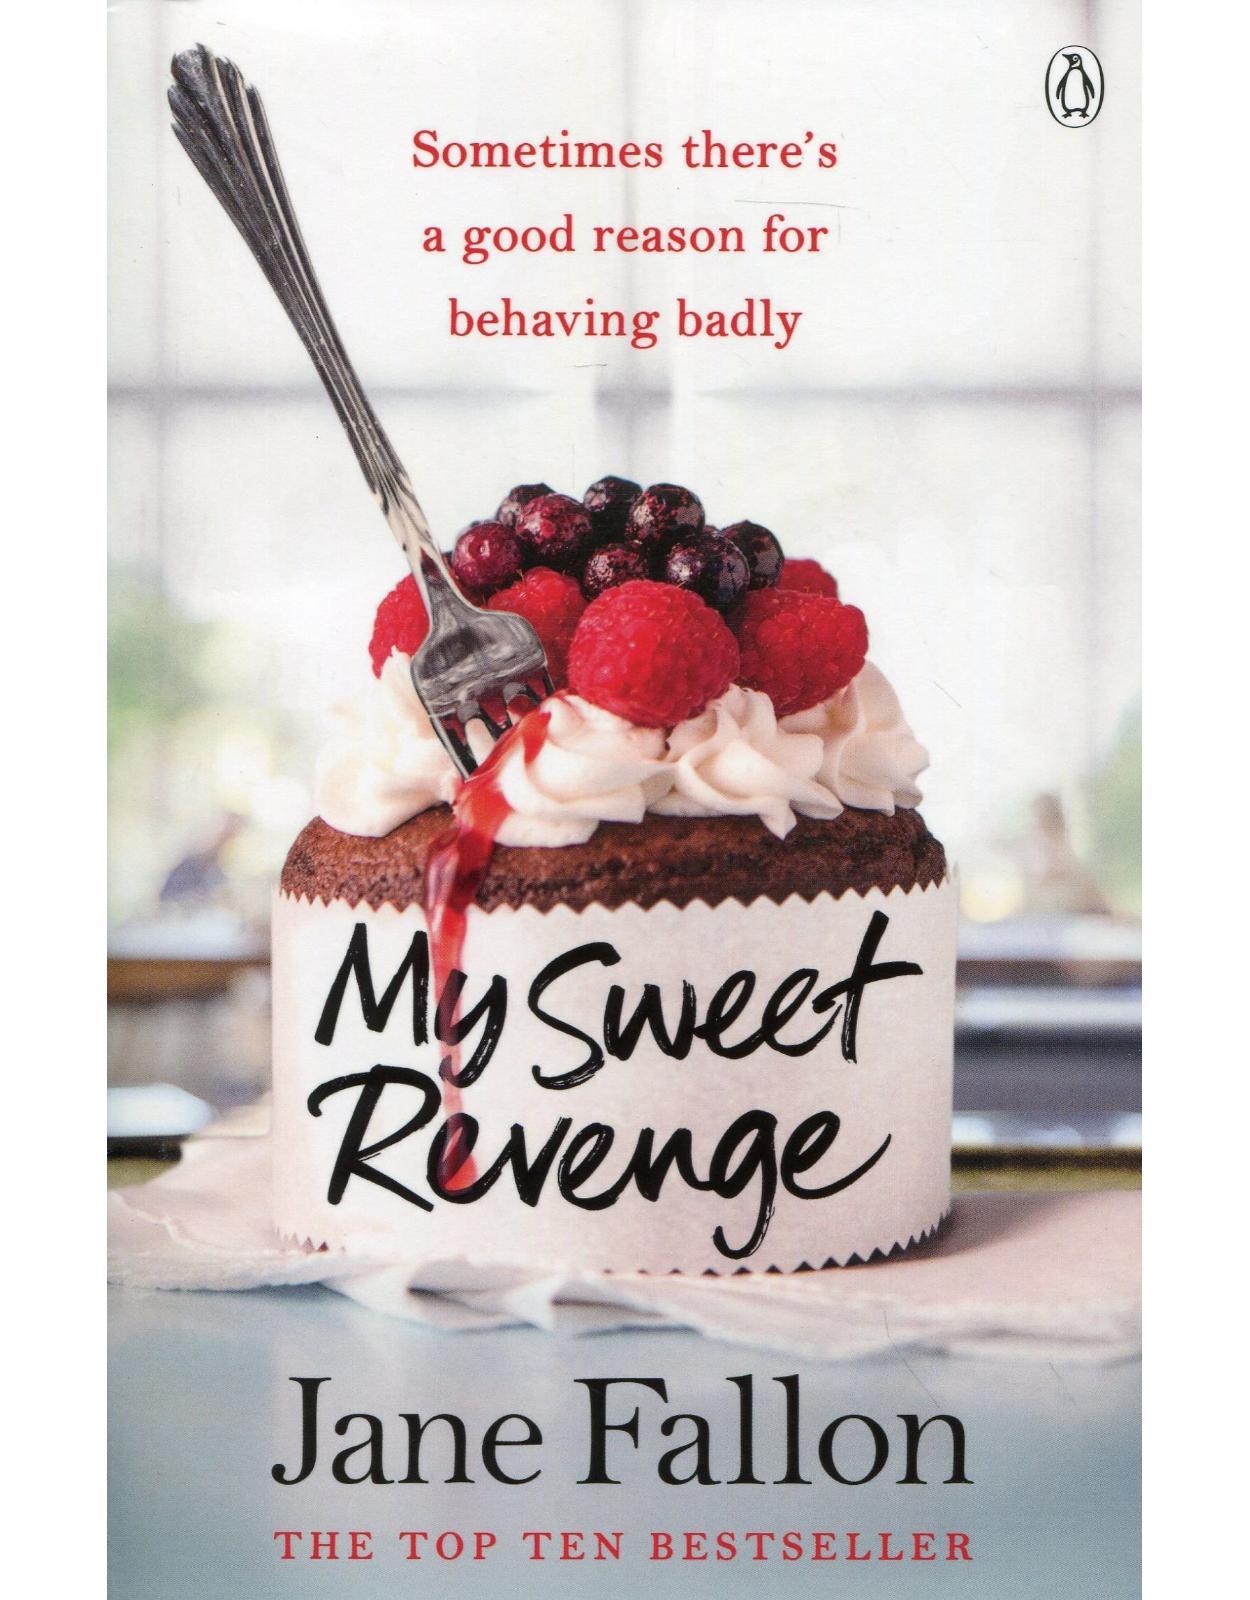 My Sweet Revenge